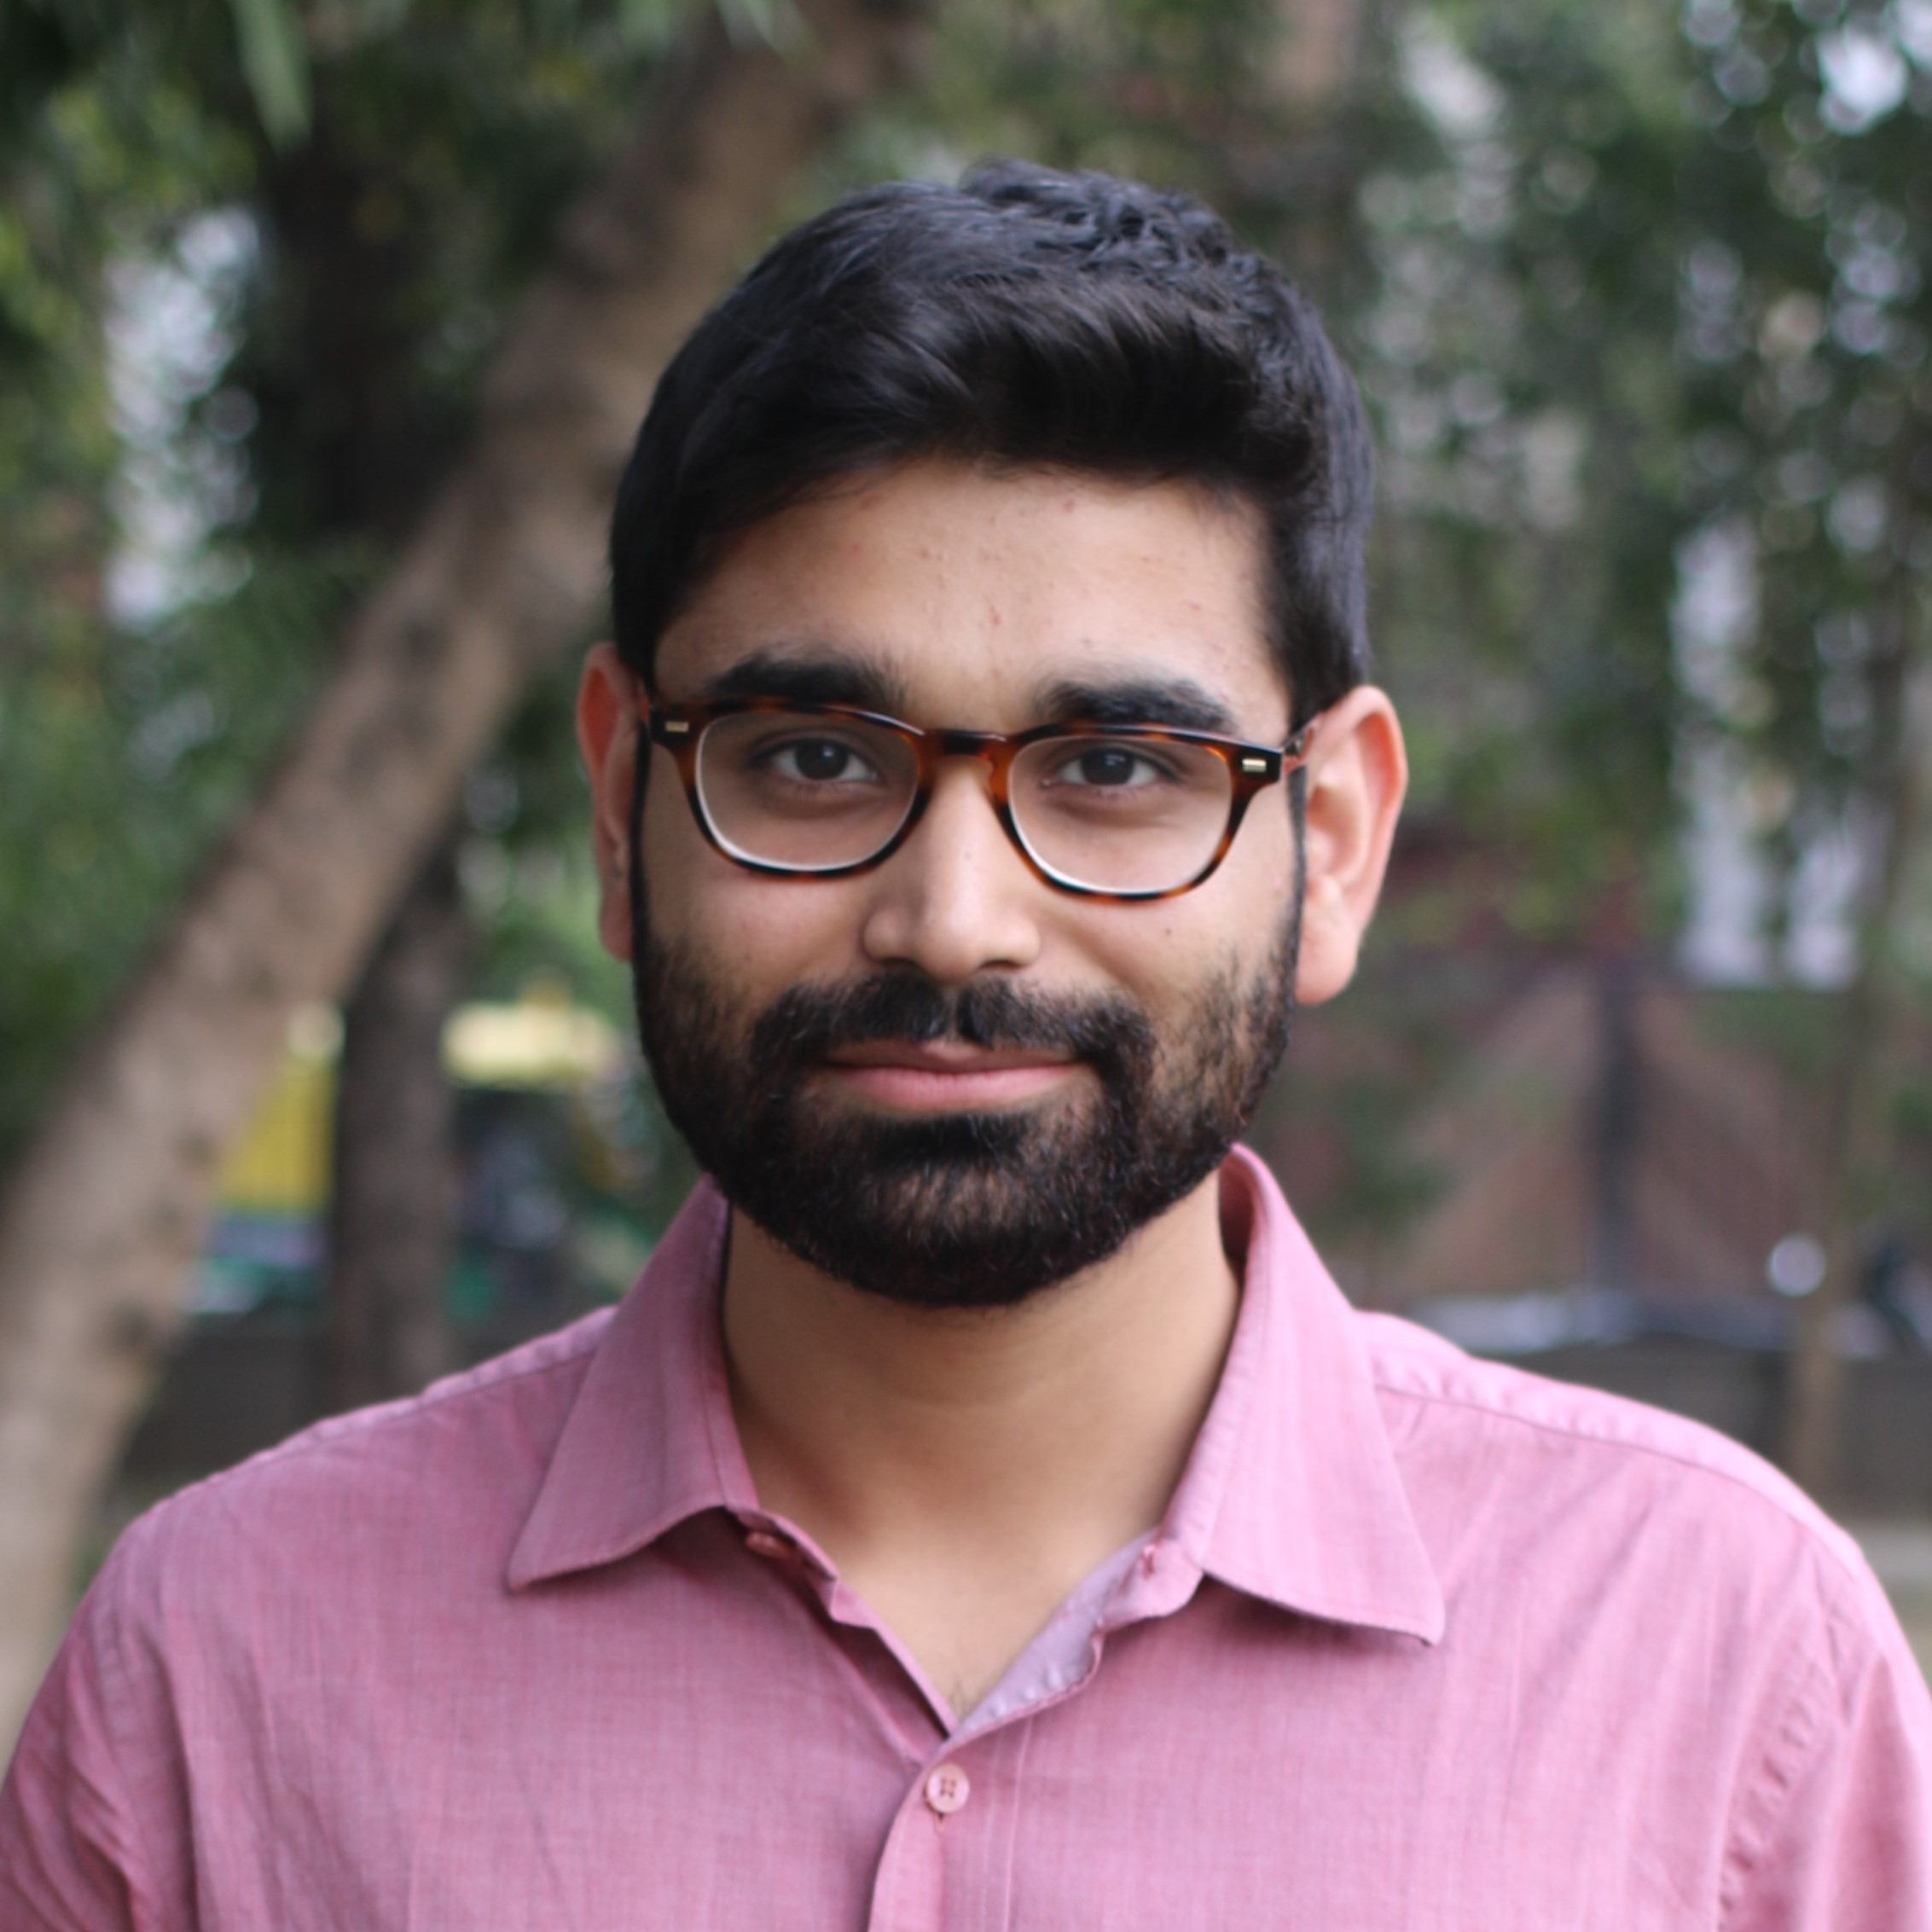 Ananya Kotia - BA Economics (Delhi, Cambridge), M.Phil. Economics (Oxford)Faculty Supervisor: Michael Greenstone